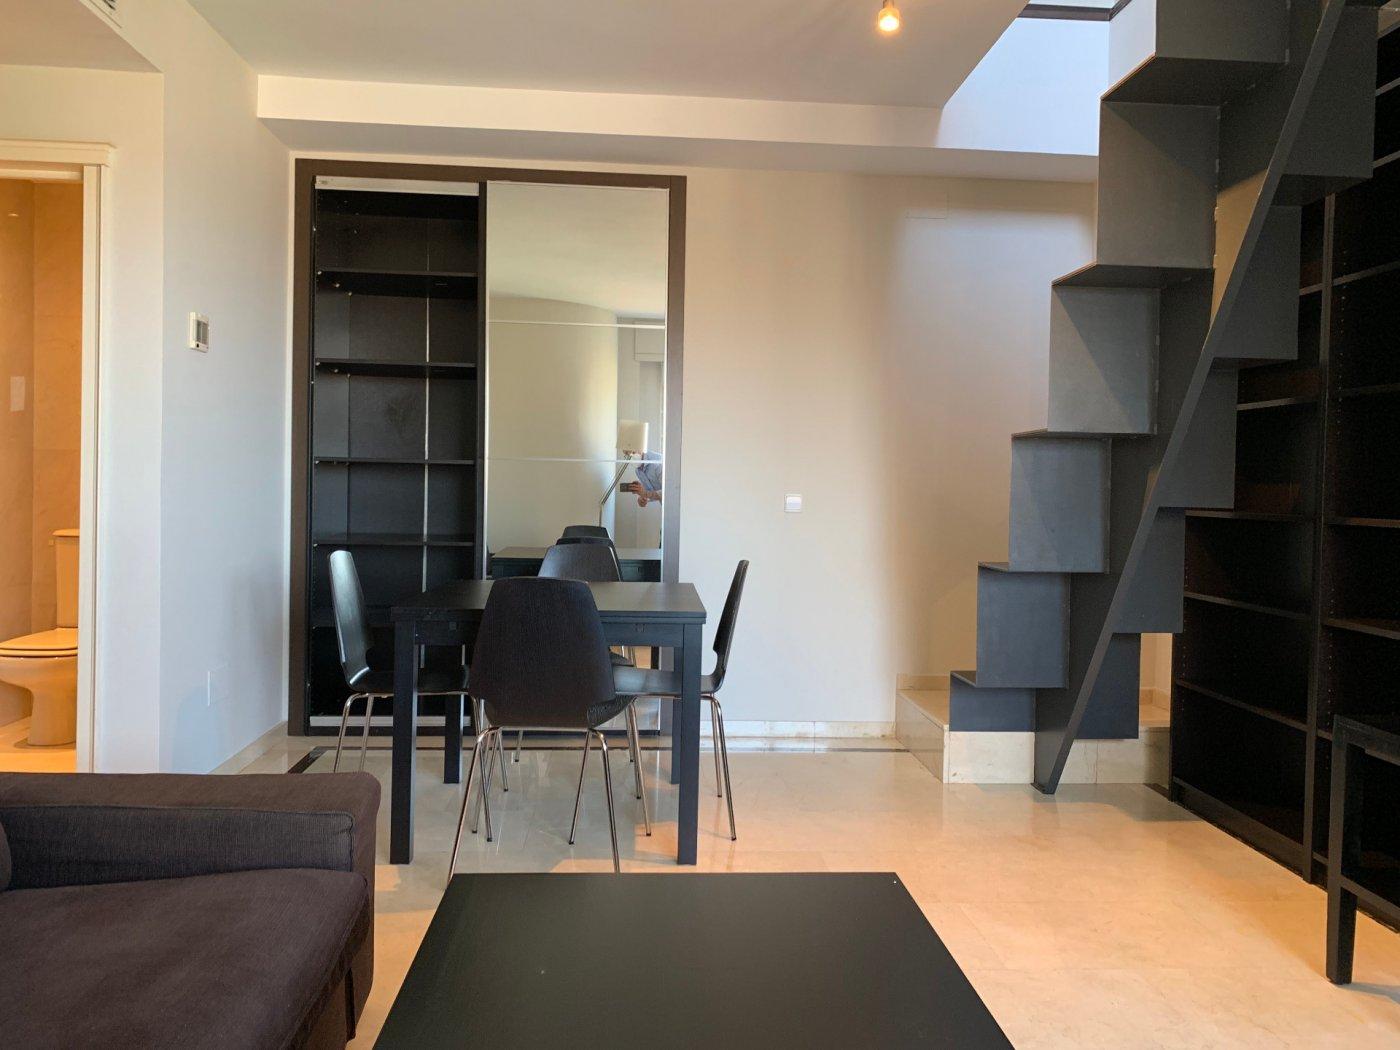 Venta o alquiler de piso en madrid - imagenInmueble10